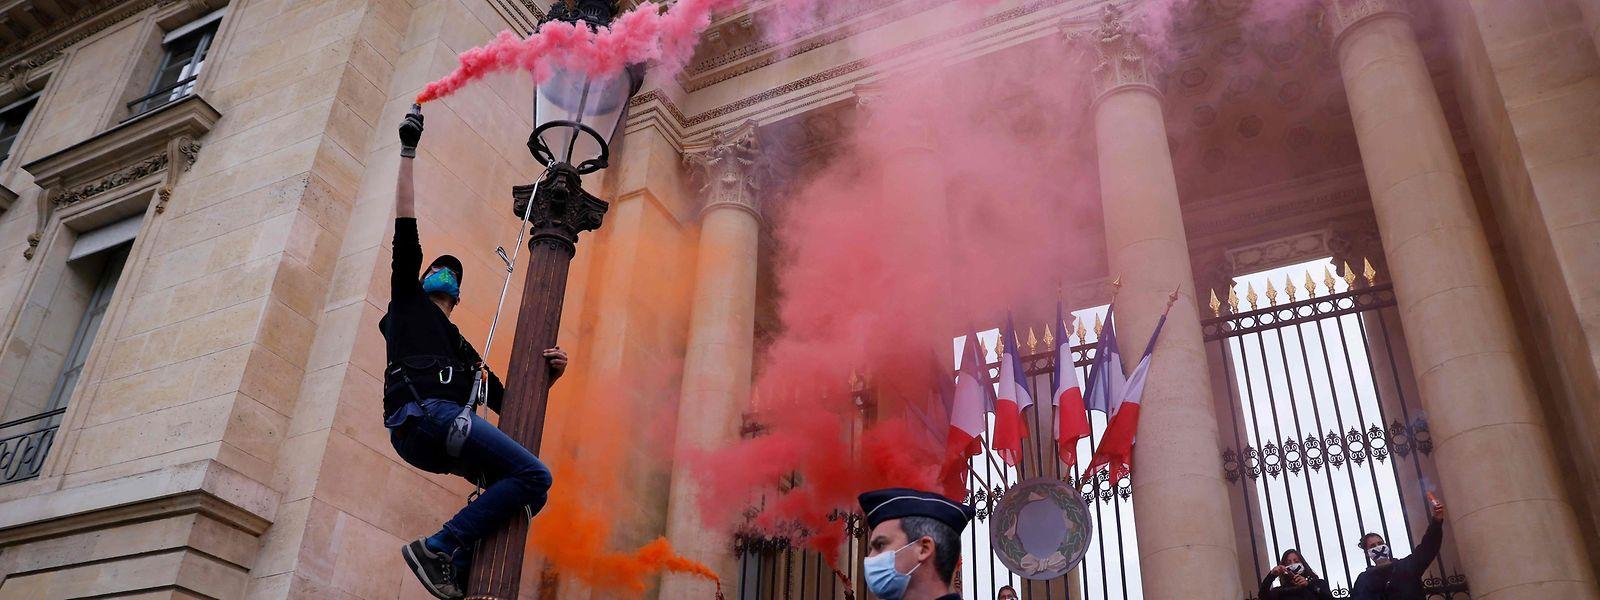 Protesto dos activistas pelo clima Extinction Rebellion (ER) em frente ao Parlamento francês, a 4 de maio deste ano.